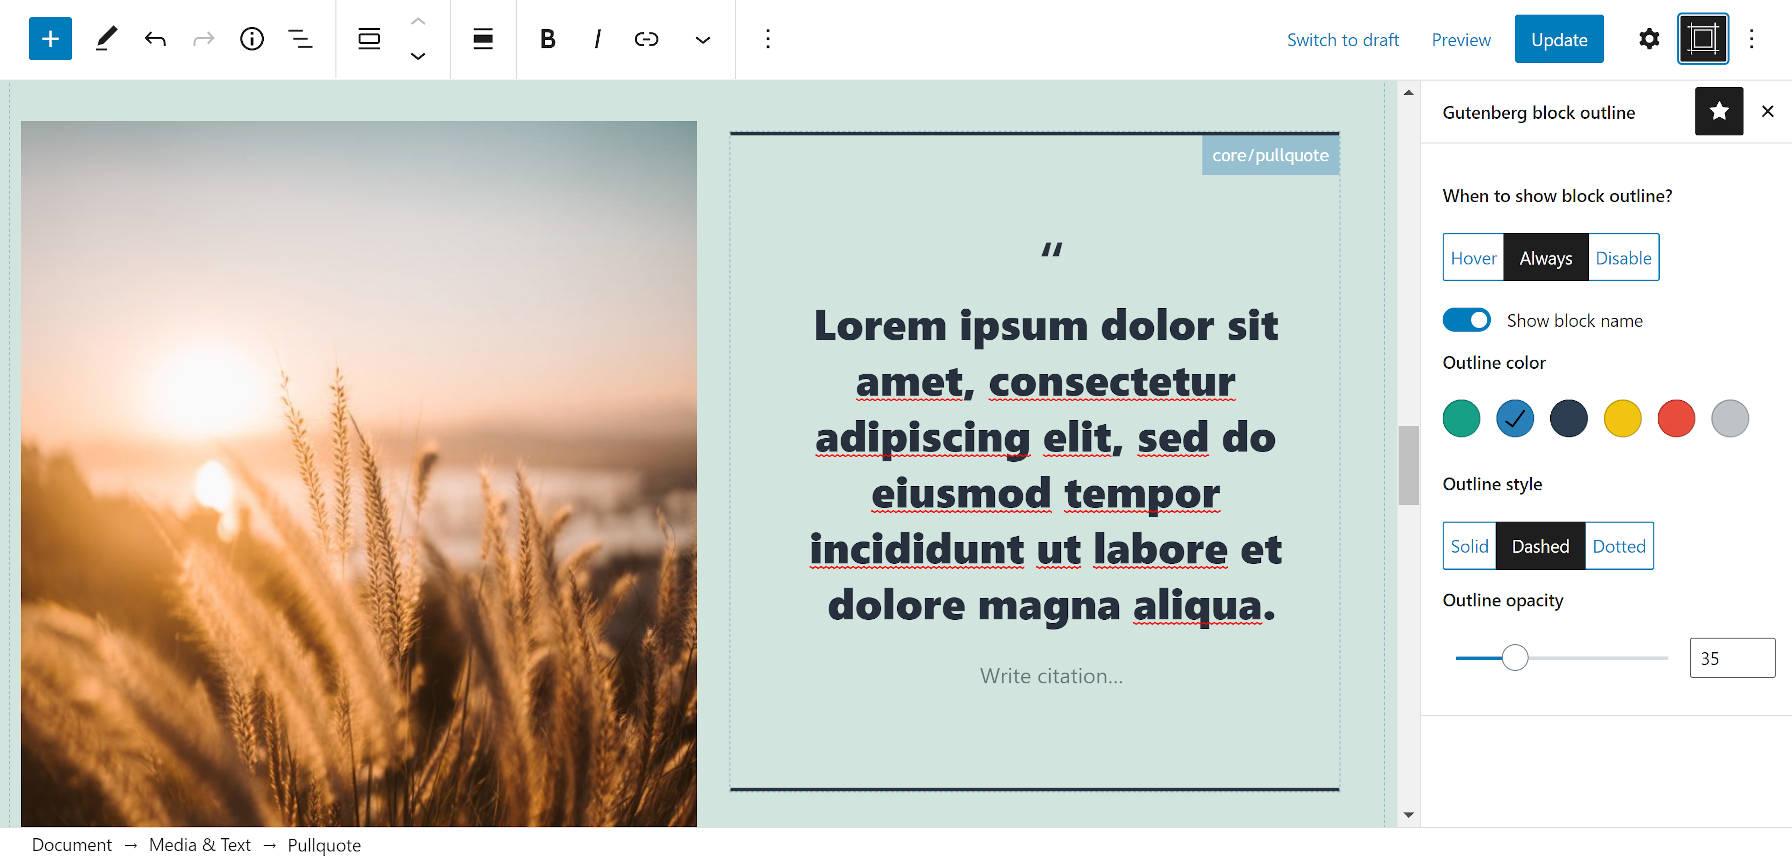 Plug-in Editor Block Outline dans la barre latérale de l'éditeur de blocs.